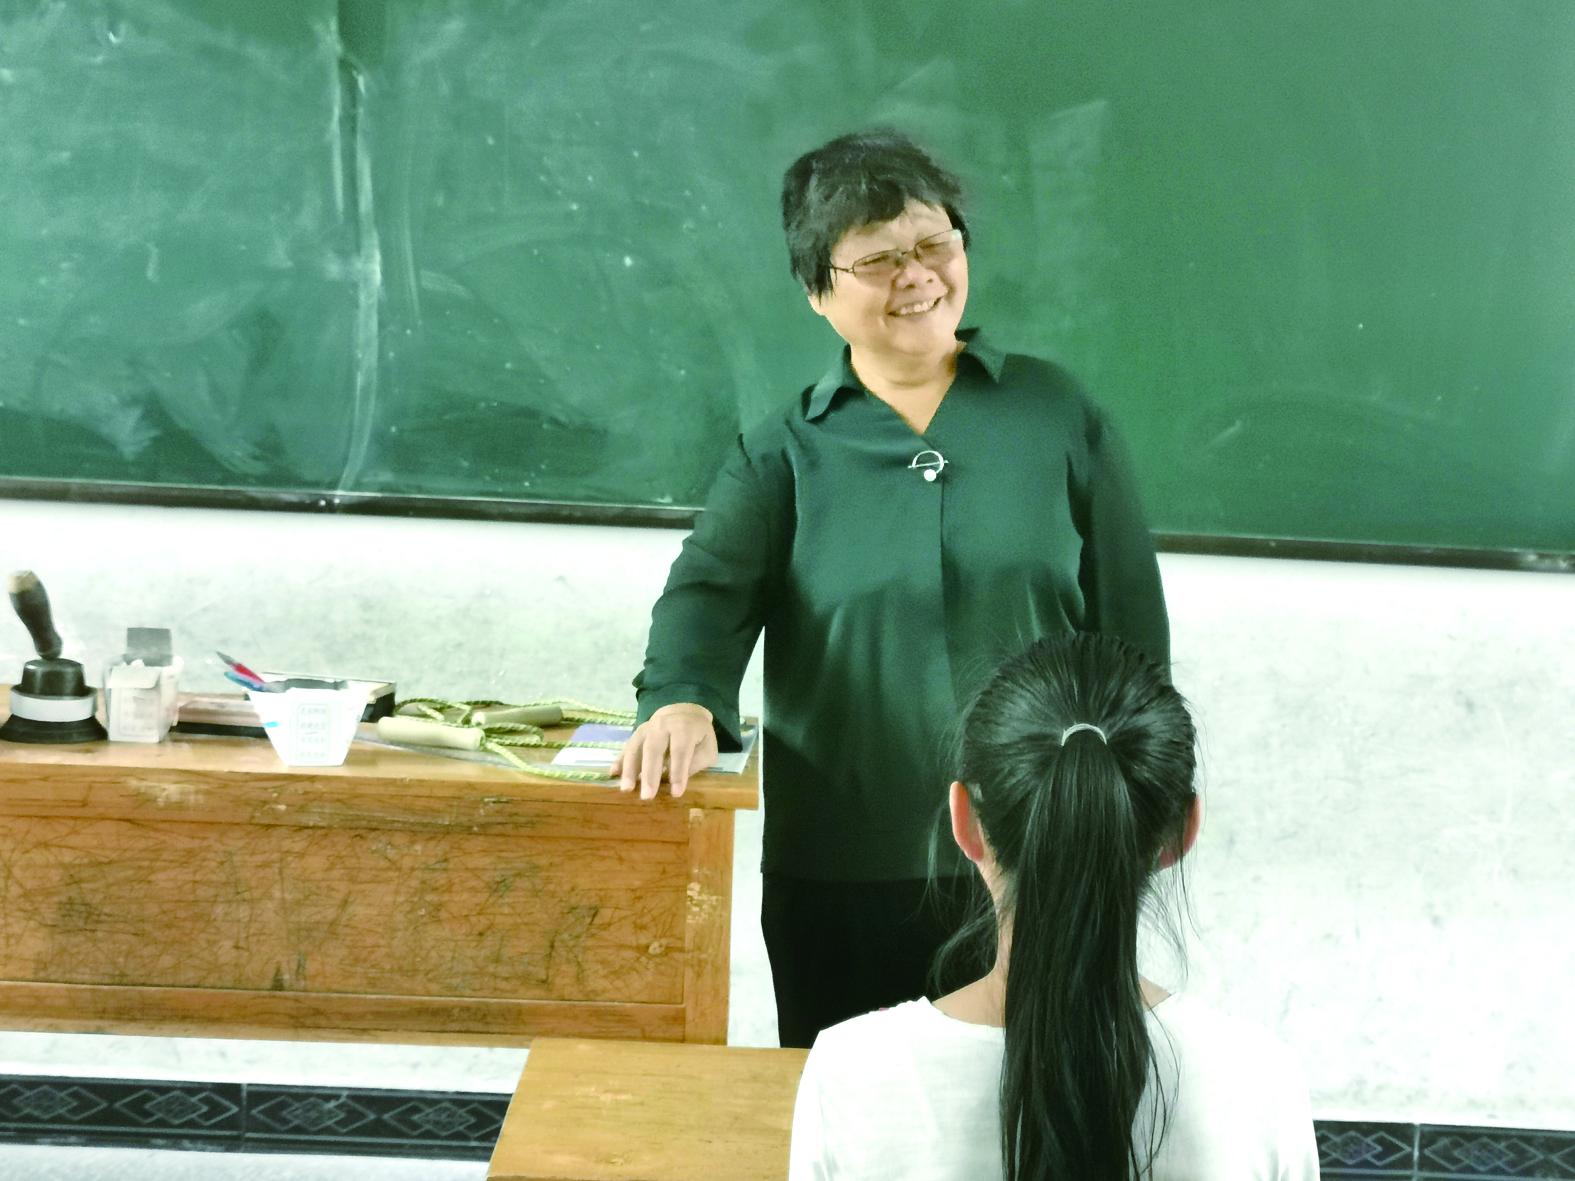 她年逾七旬,从宁波到湖南,为溆浦...